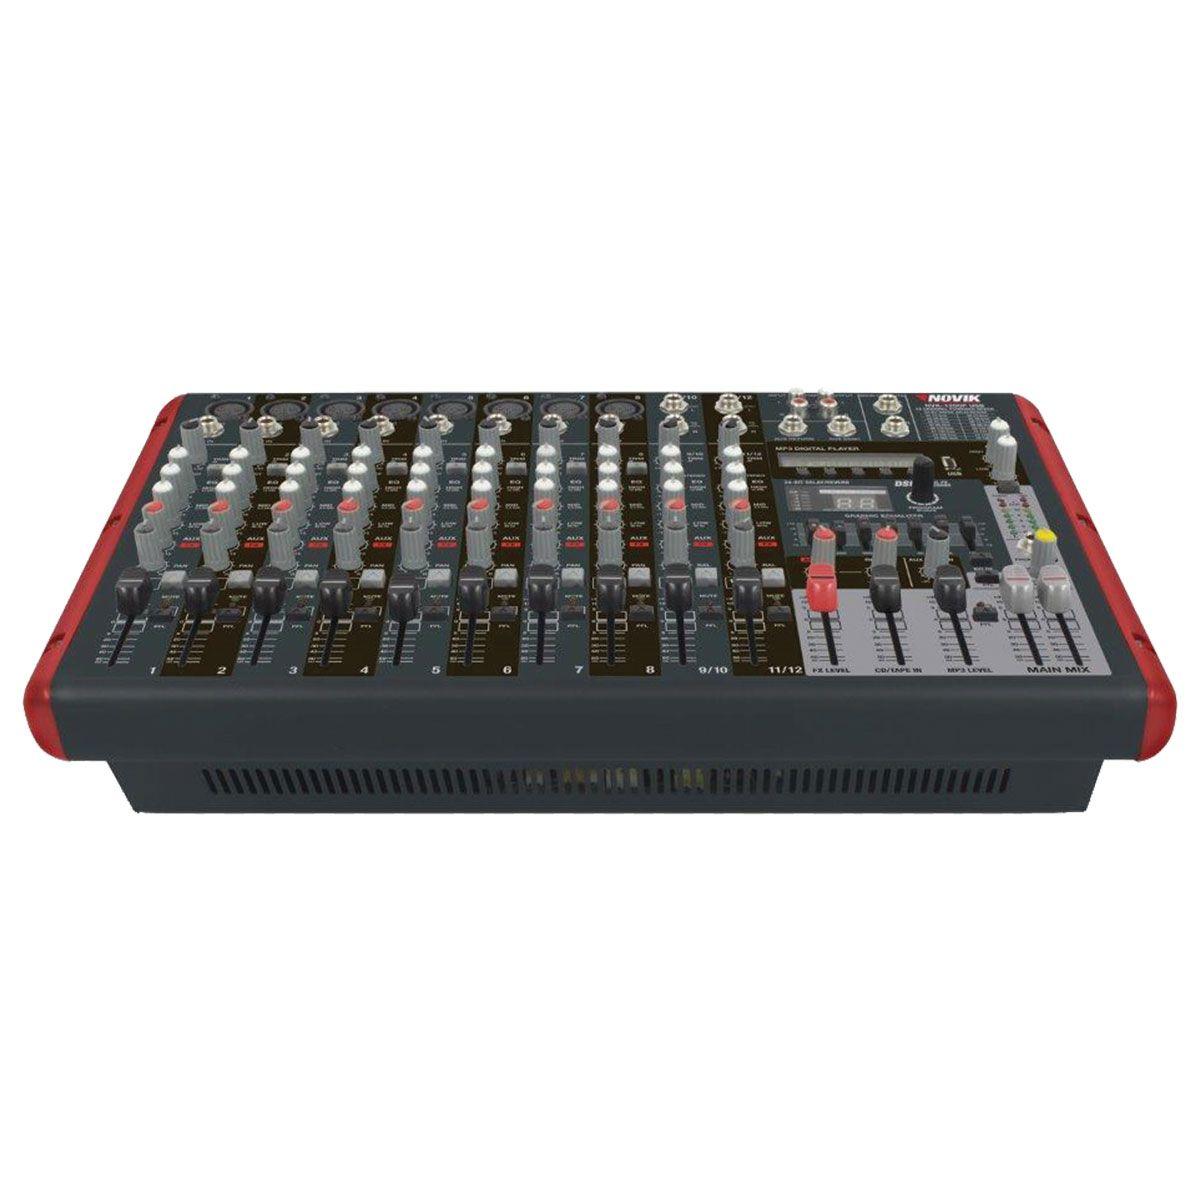 Mesa De Som Amplificada 600w Rms 12 Canais Com Bluetooth Nknvk1200pbt